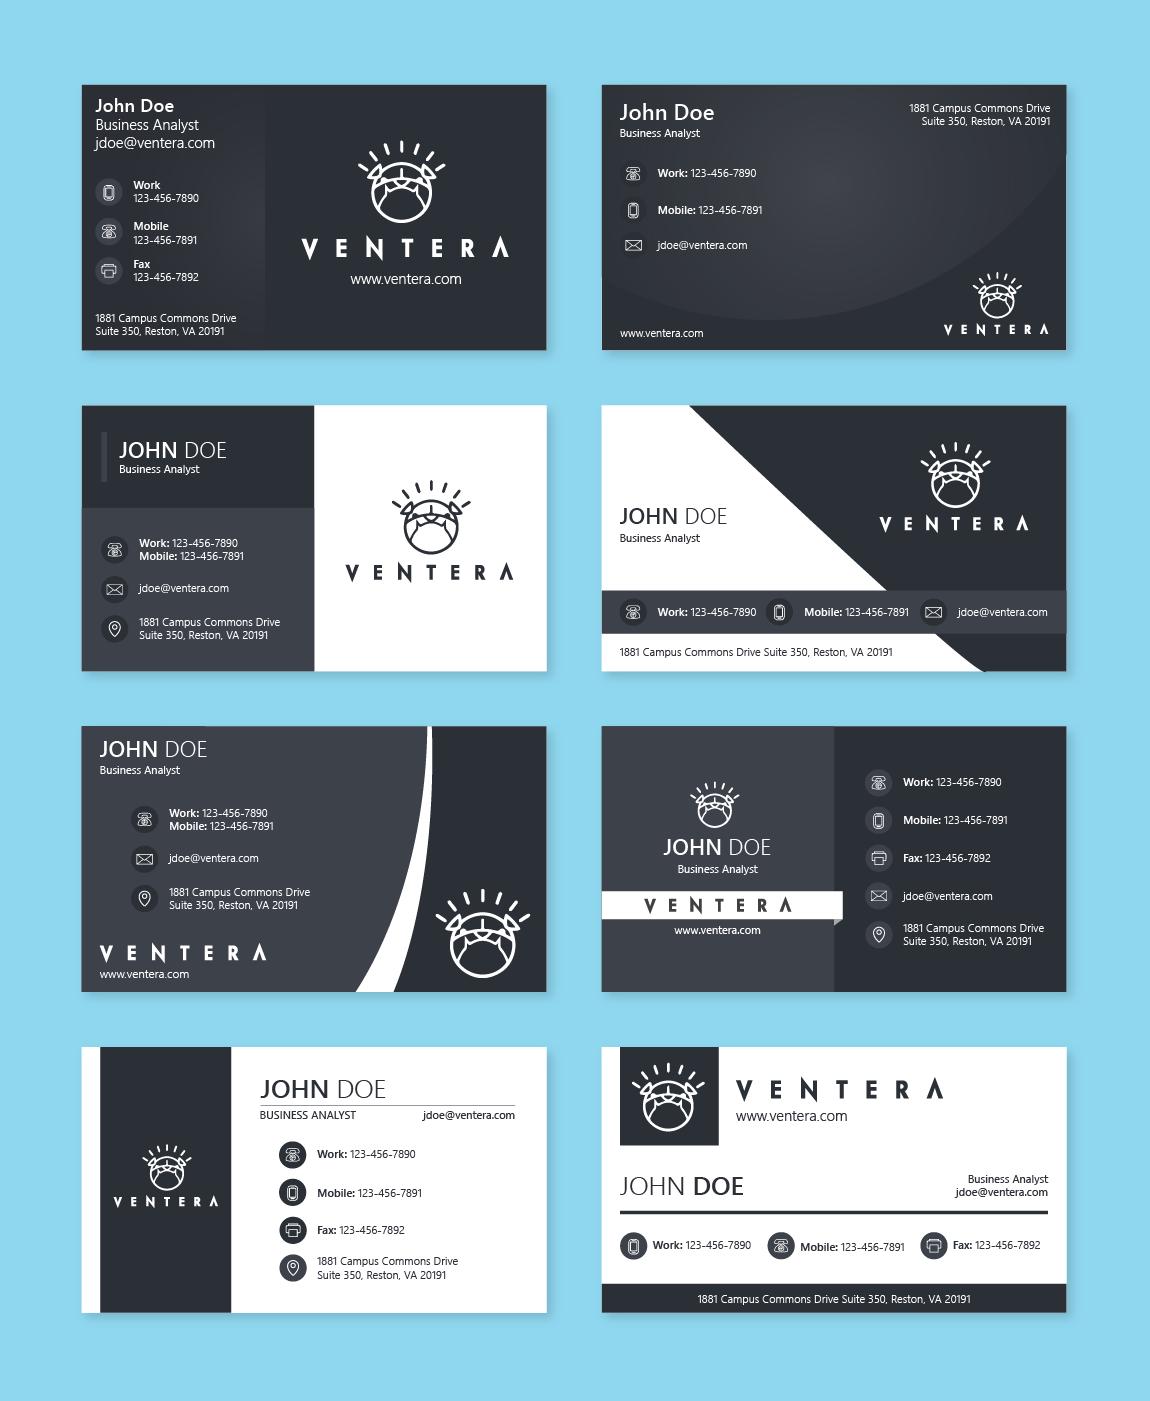 Ventera-business-cards